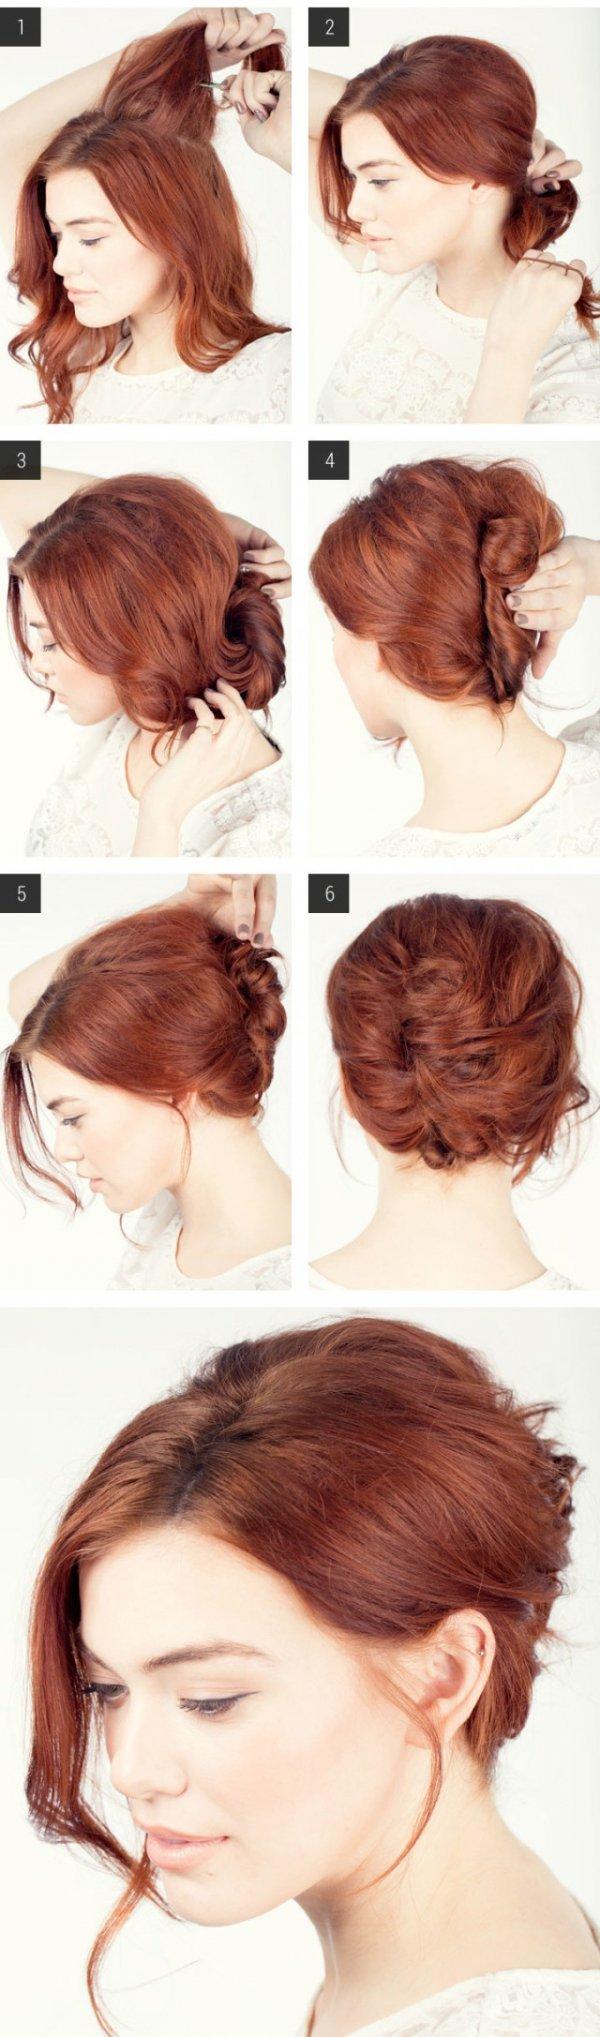 Как сделать причёску ракушка себе